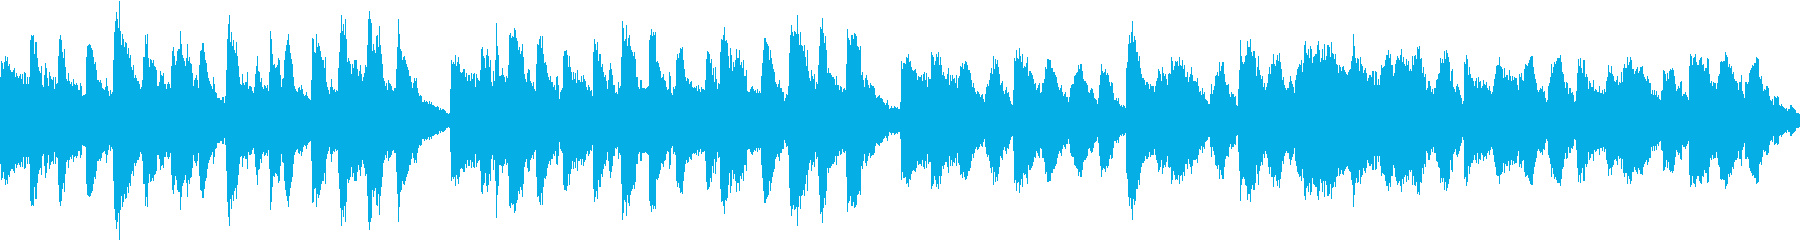 ヨーロッパや中世的なイメージの再生済みの波形